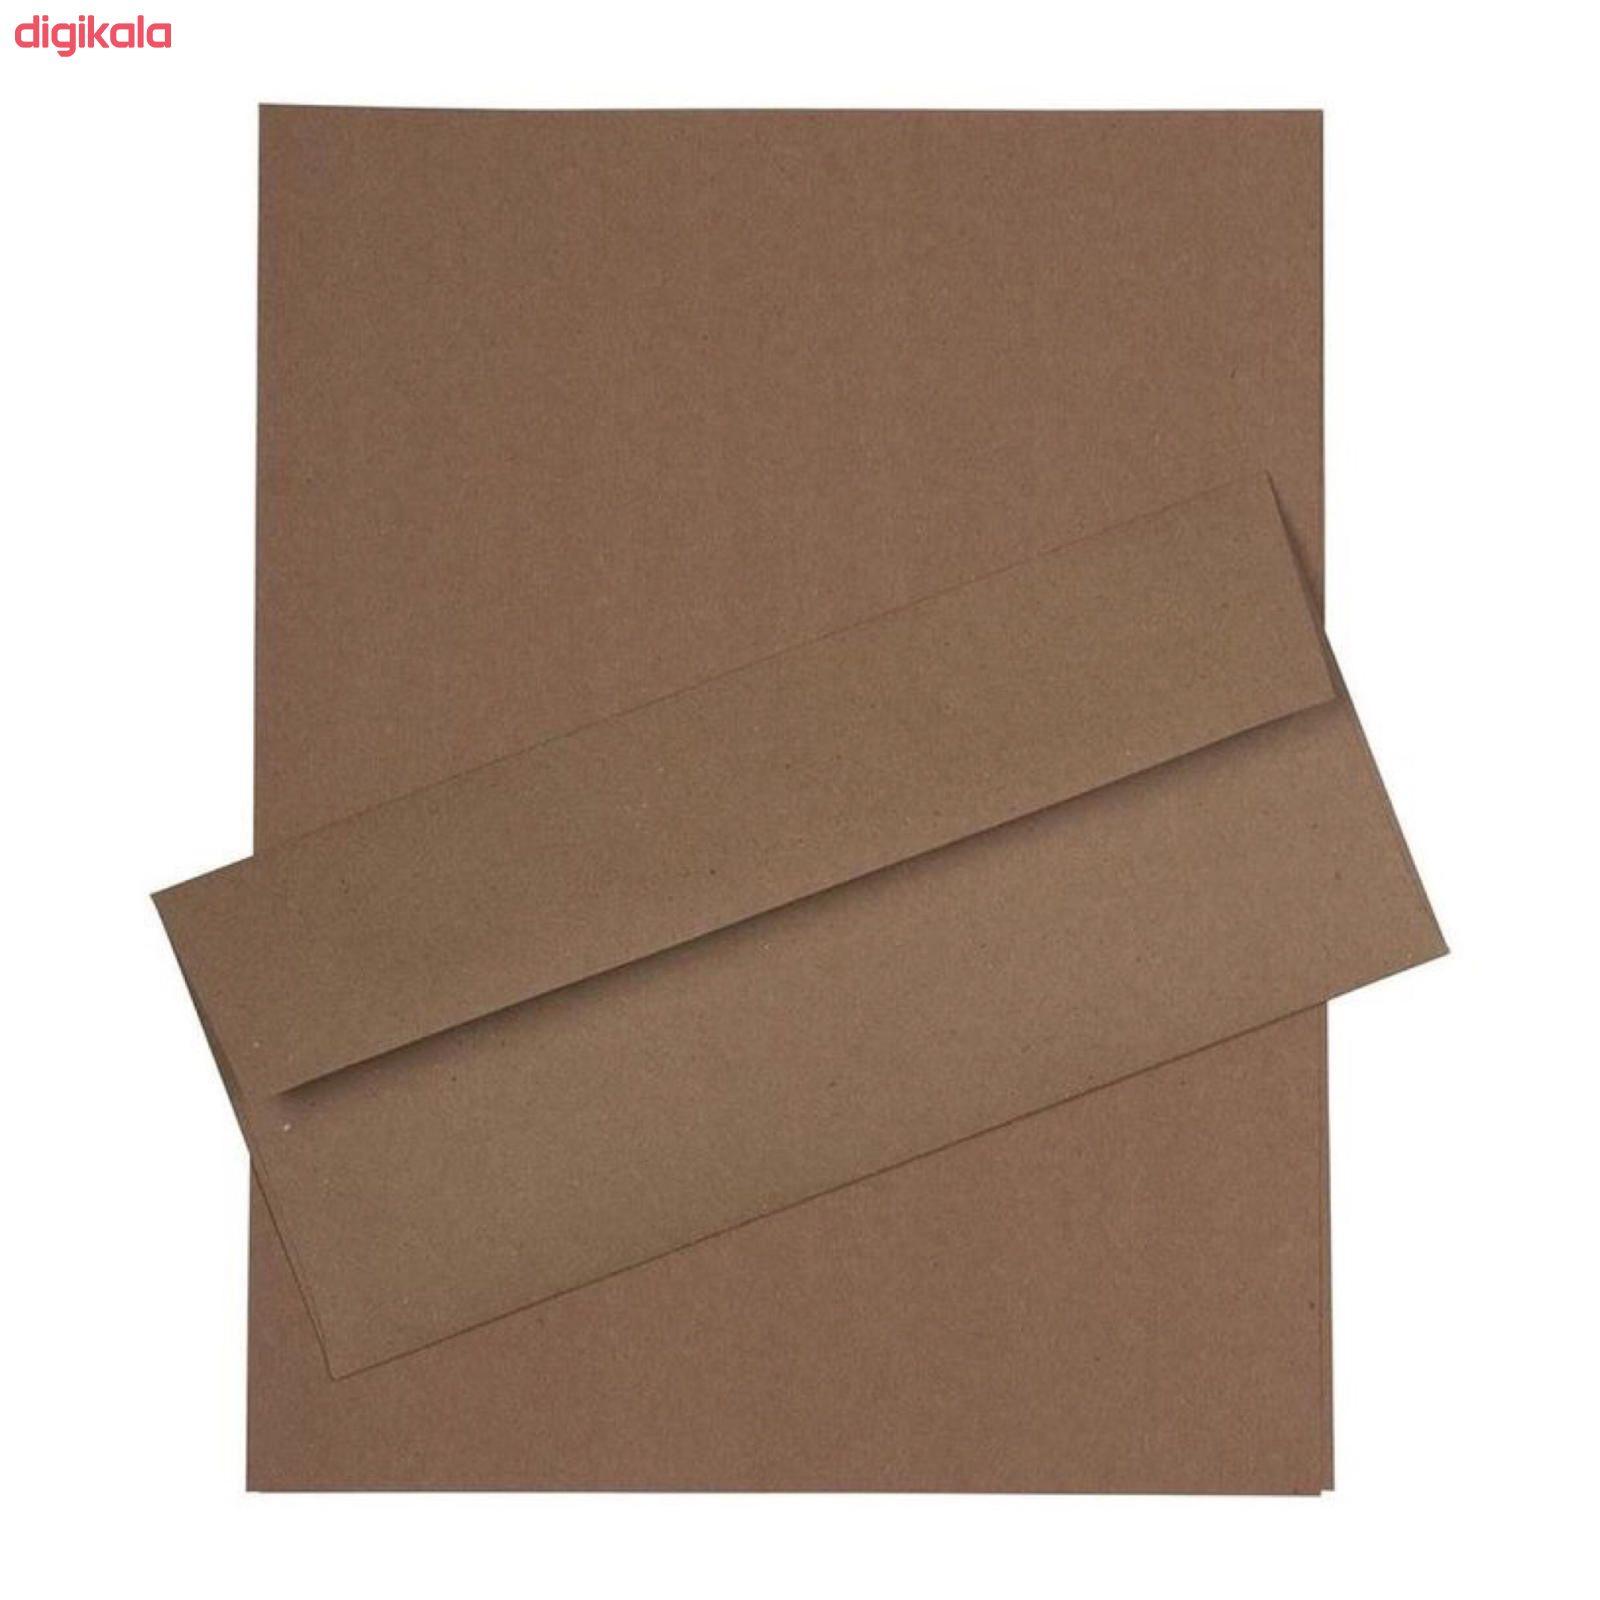 کاغذ کرافت کد kk15 بسته 15 عددی main 1 4